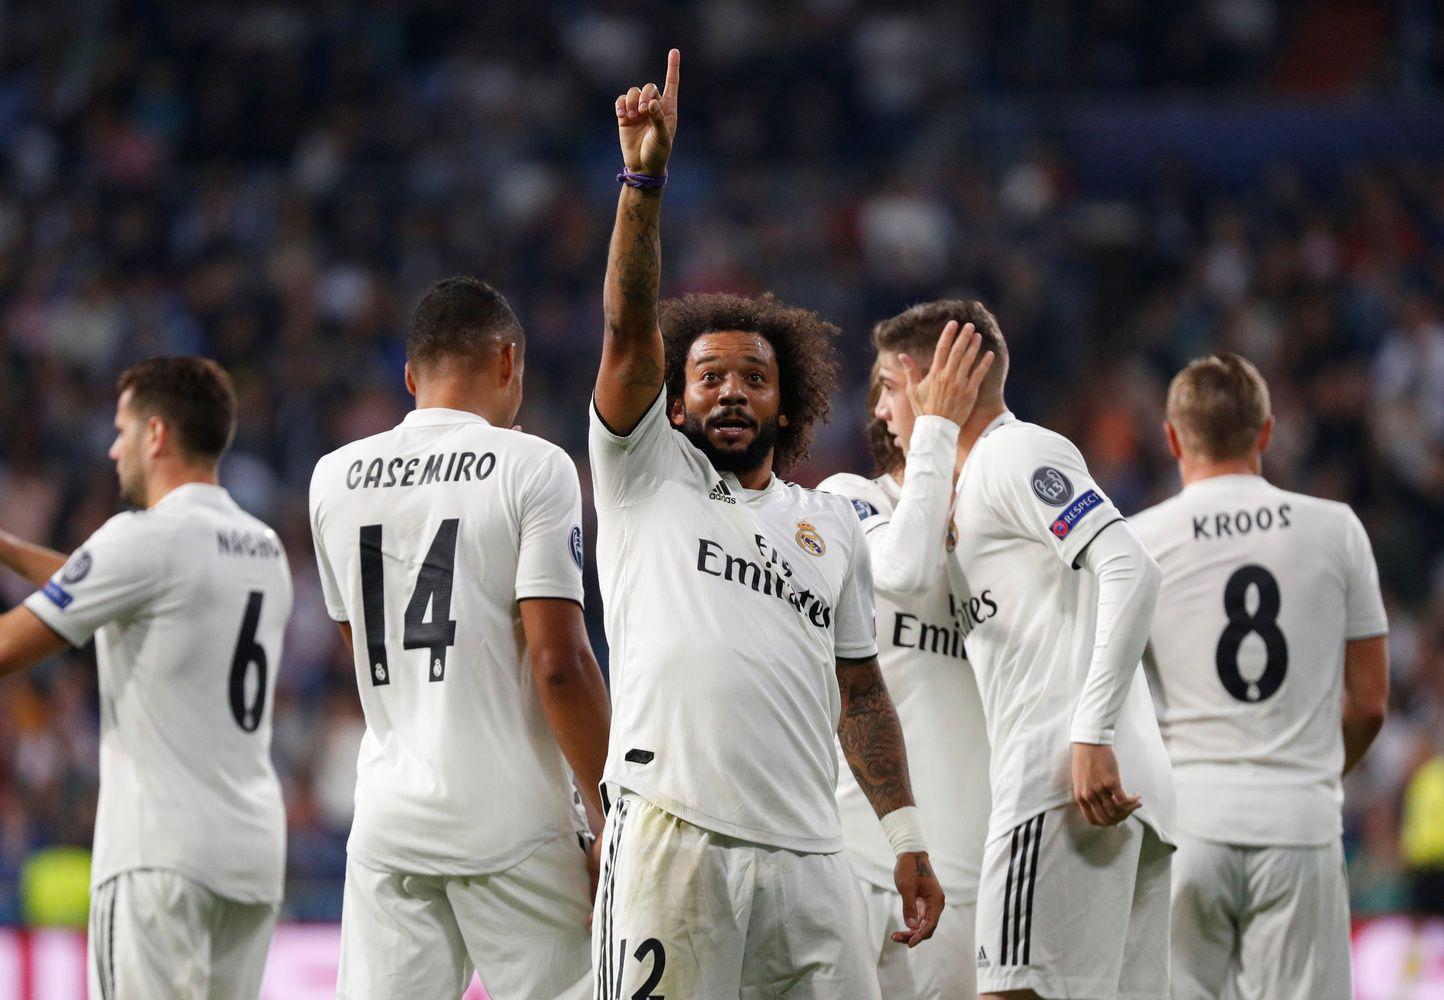 UEFA už praėjusią Čempionų lygą klubams išmokėjo 1,4 mlrd. Eur